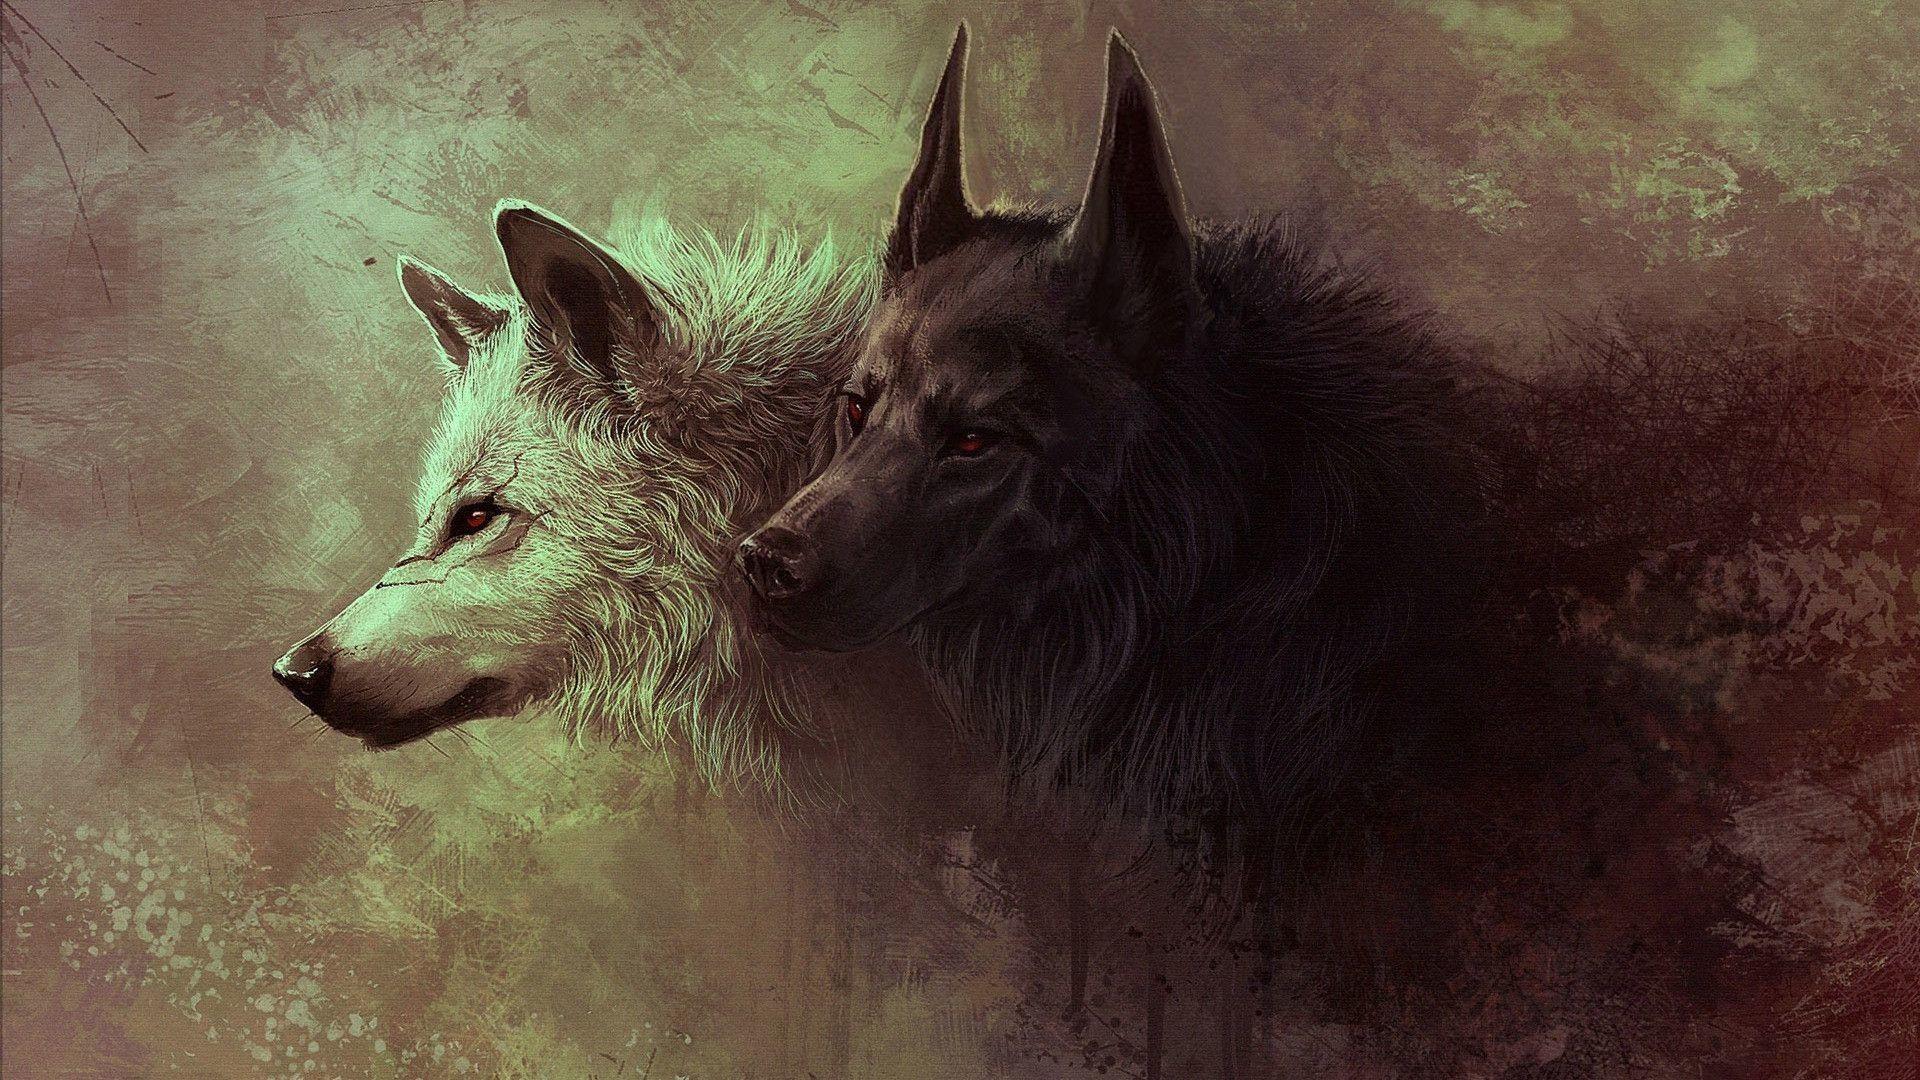 1920x1080 Hình nền trừu tượng chó sói